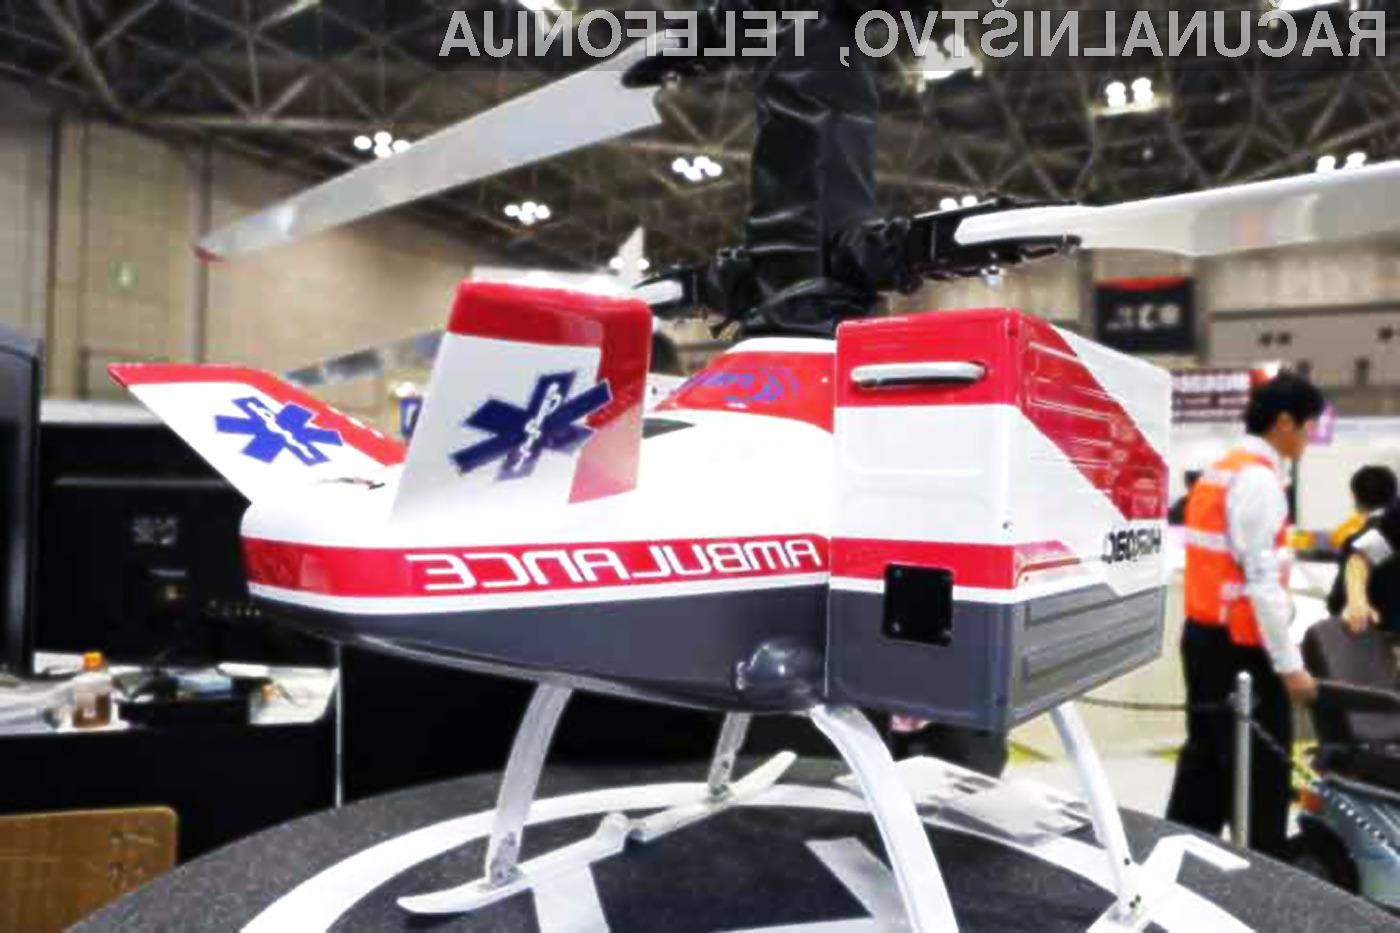 3. Droni za dostavo zdravil